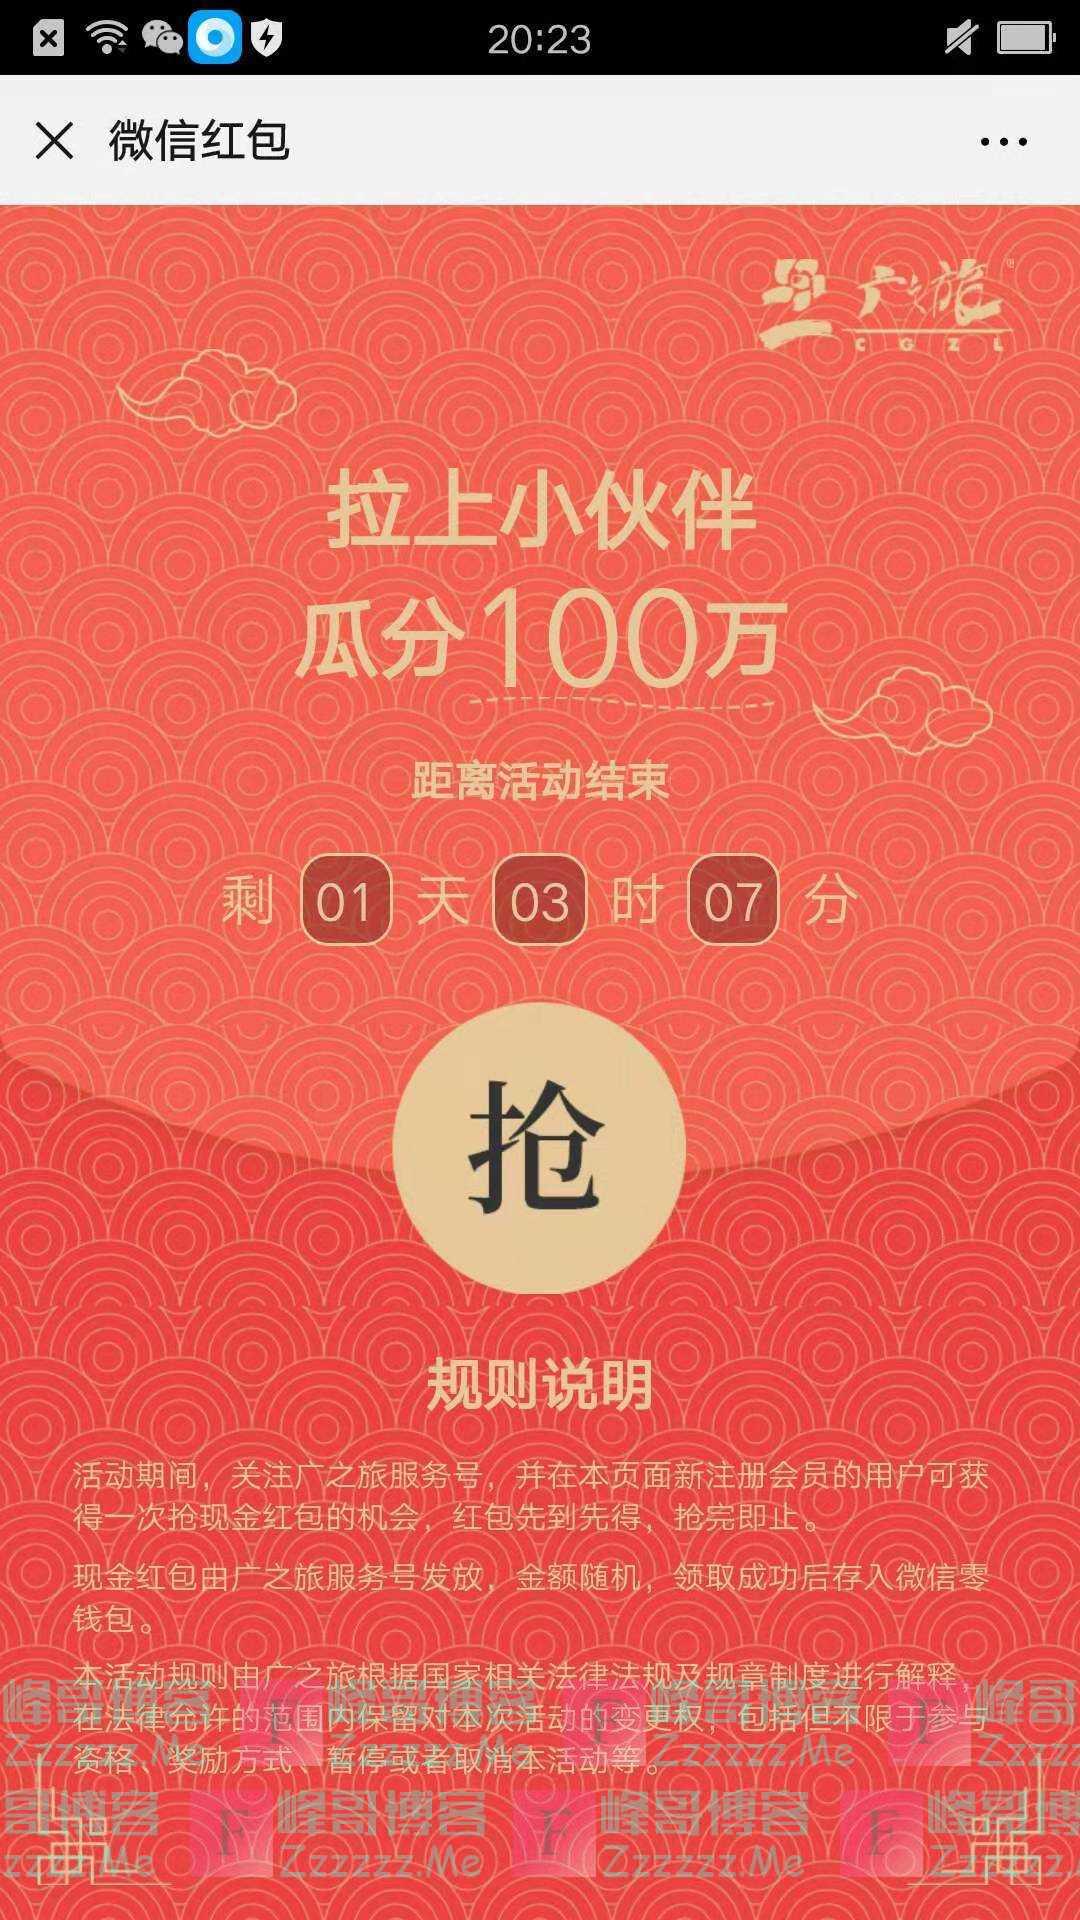 广之旅新一期注册送红包(截止不详)